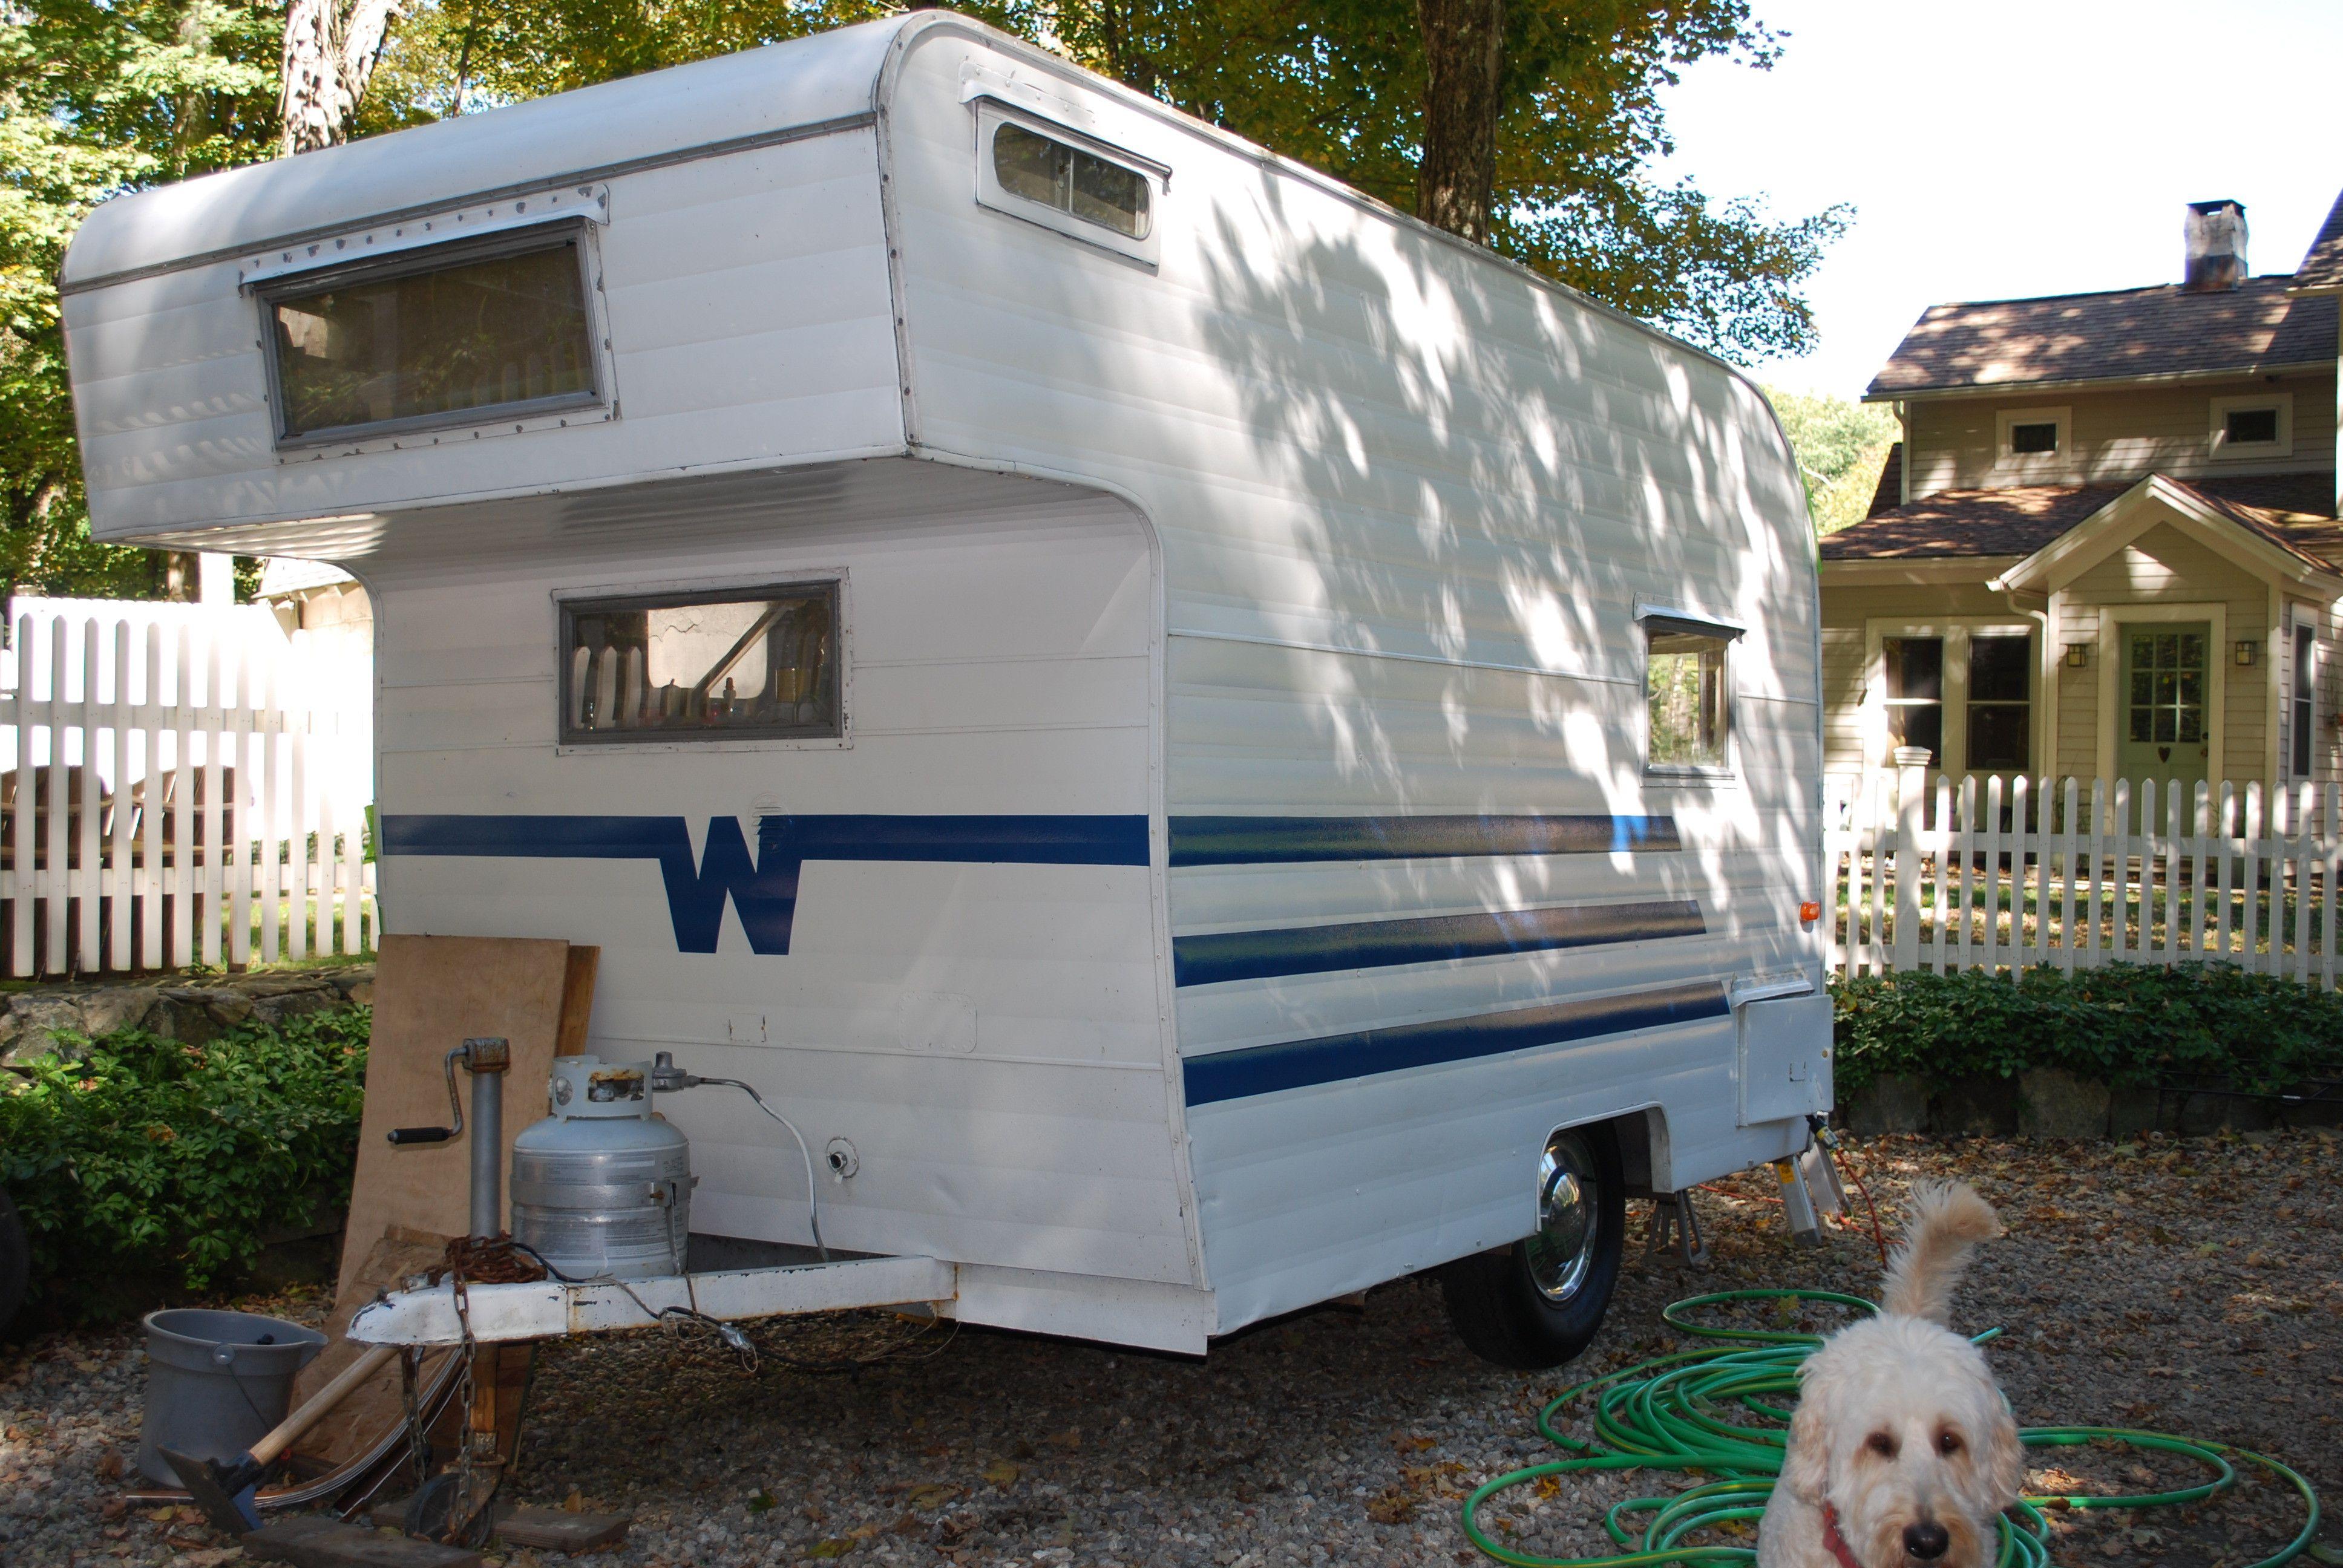 Vintage winnebago camper after 1961 minnie winnie new blue stripes